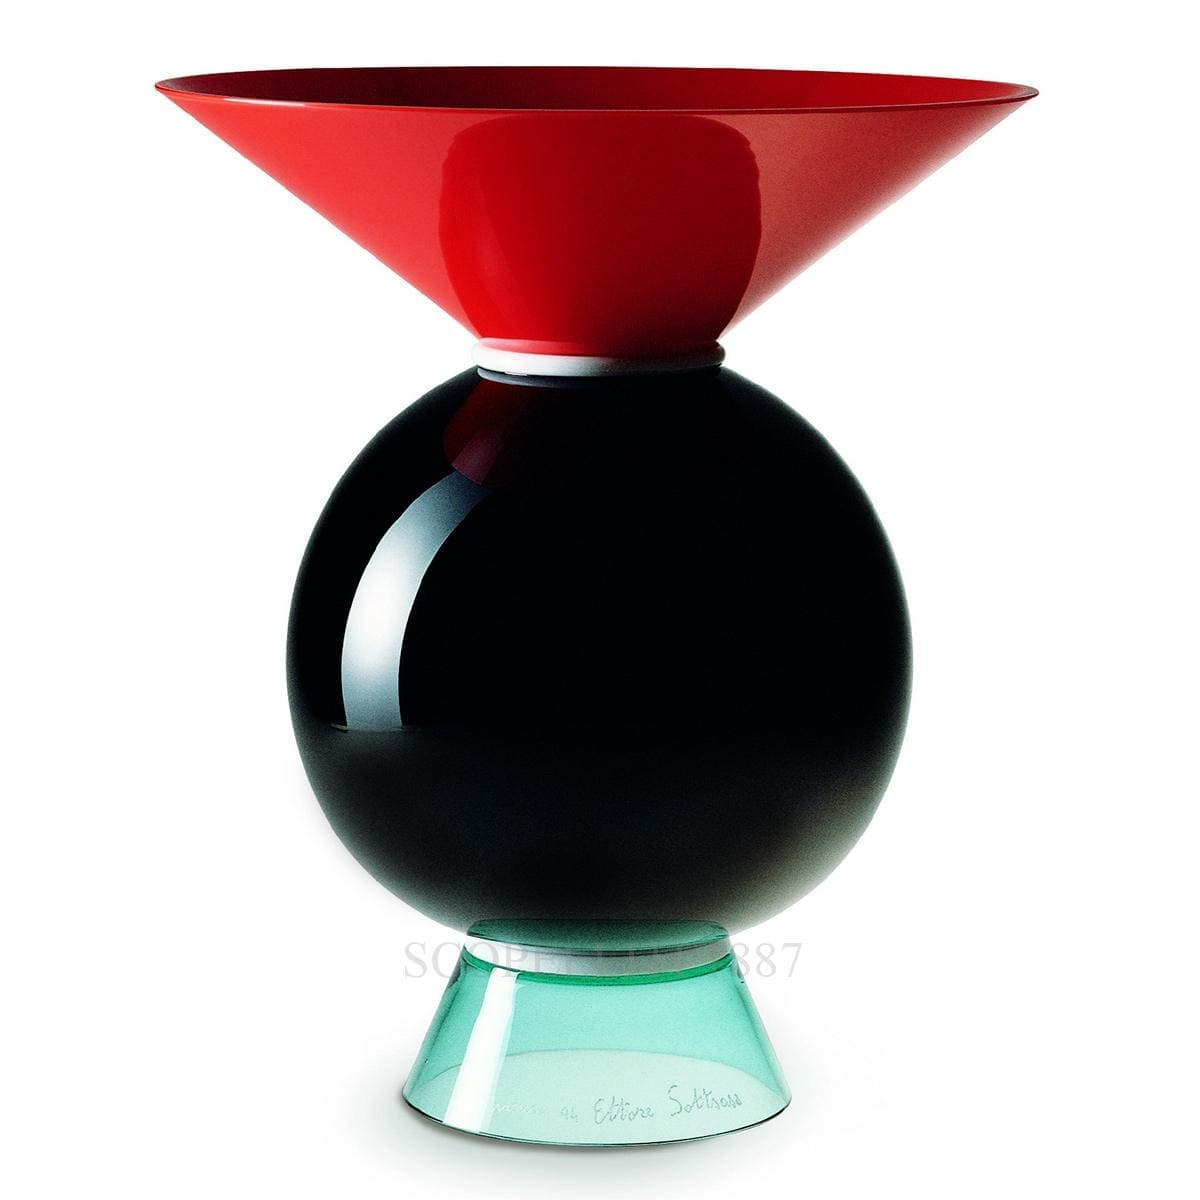 venini italian designer yemen vase murano glass